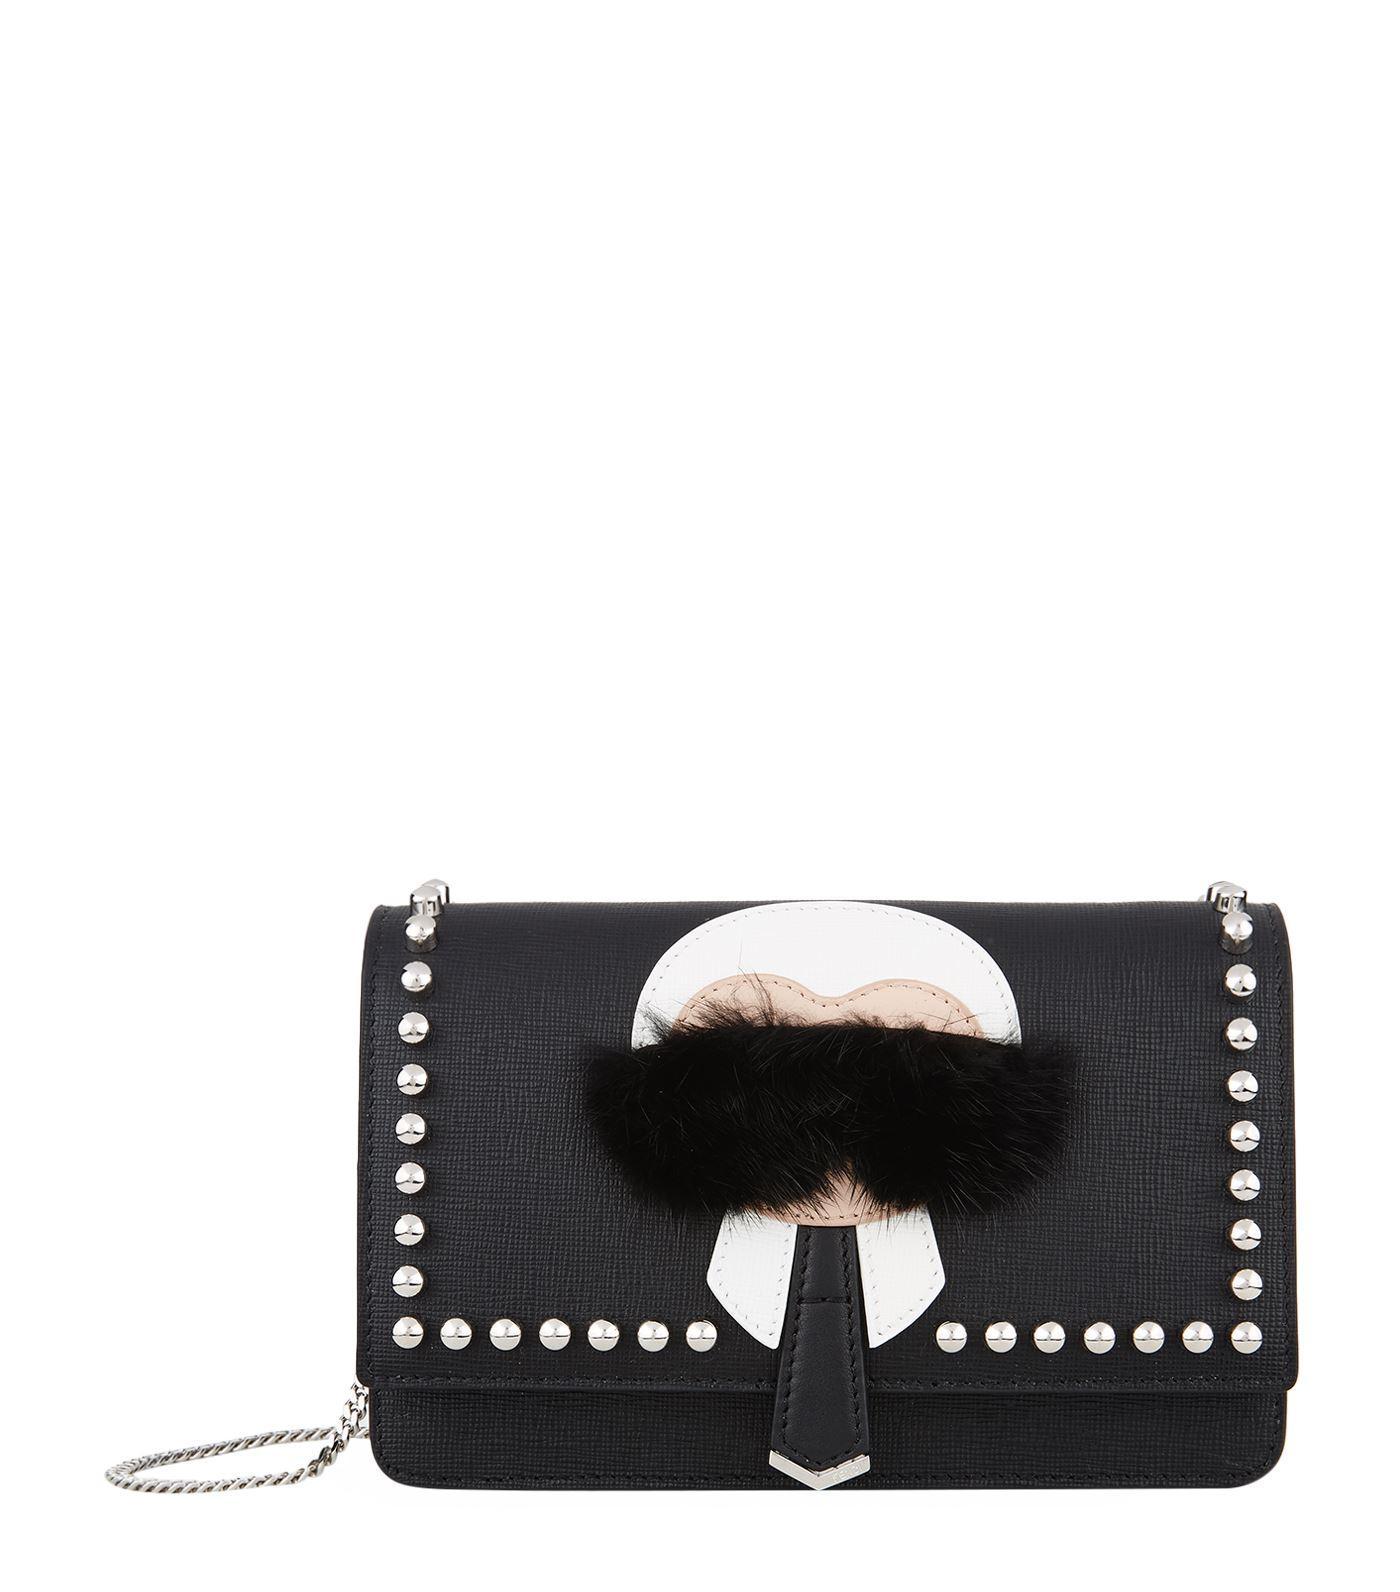 a2ec3a1e33b8 Fendi Karlito Wallet On Chain In Black